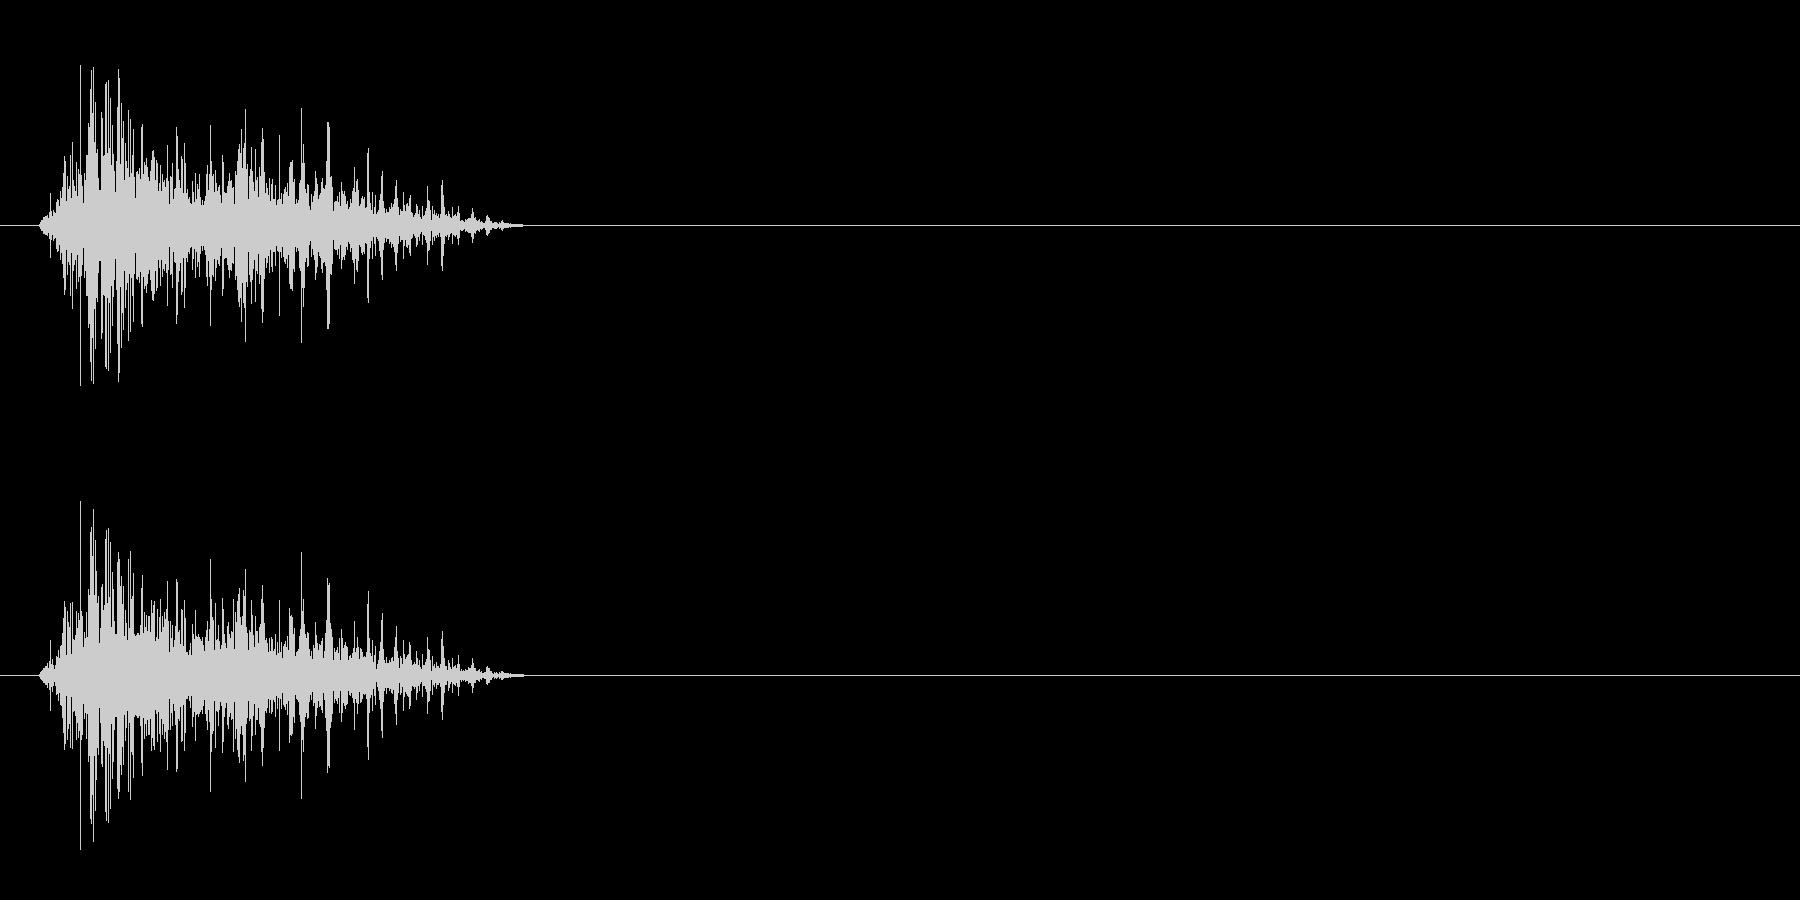 モンスター発声 2 の未再生の波形